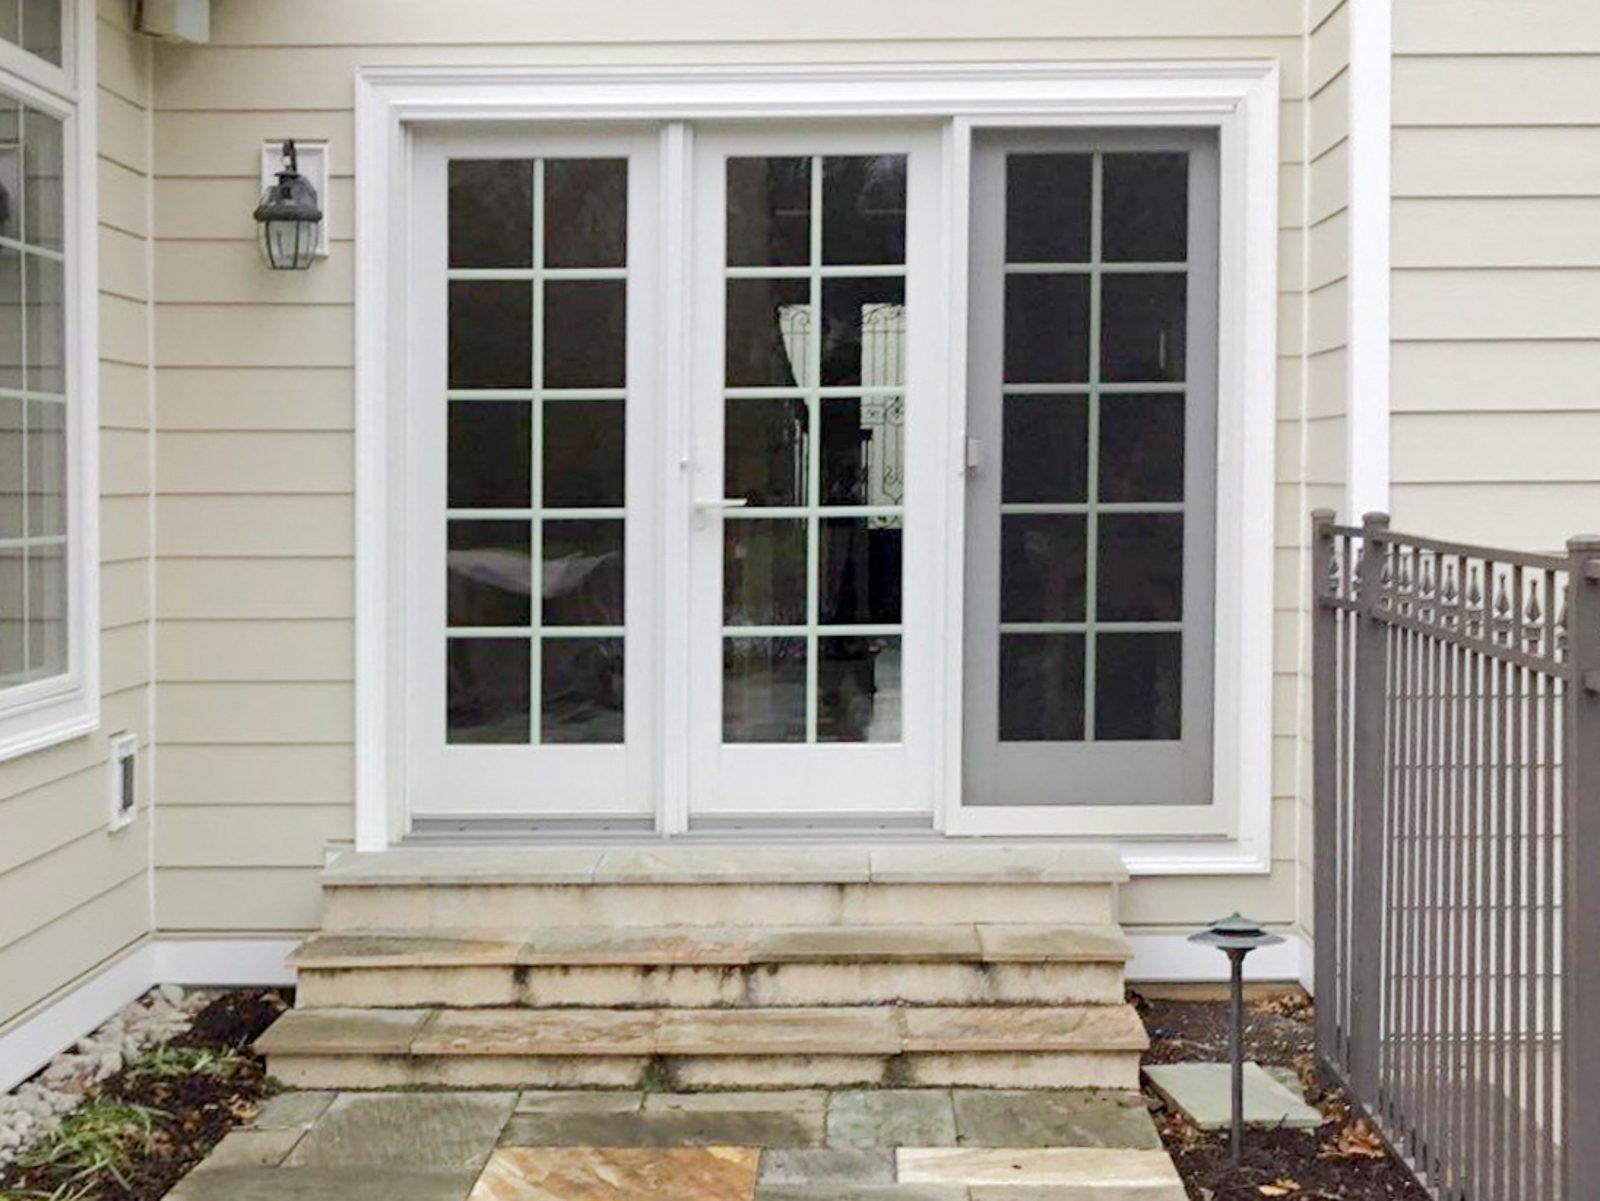 smucker exteriors west chester door installations and repairs